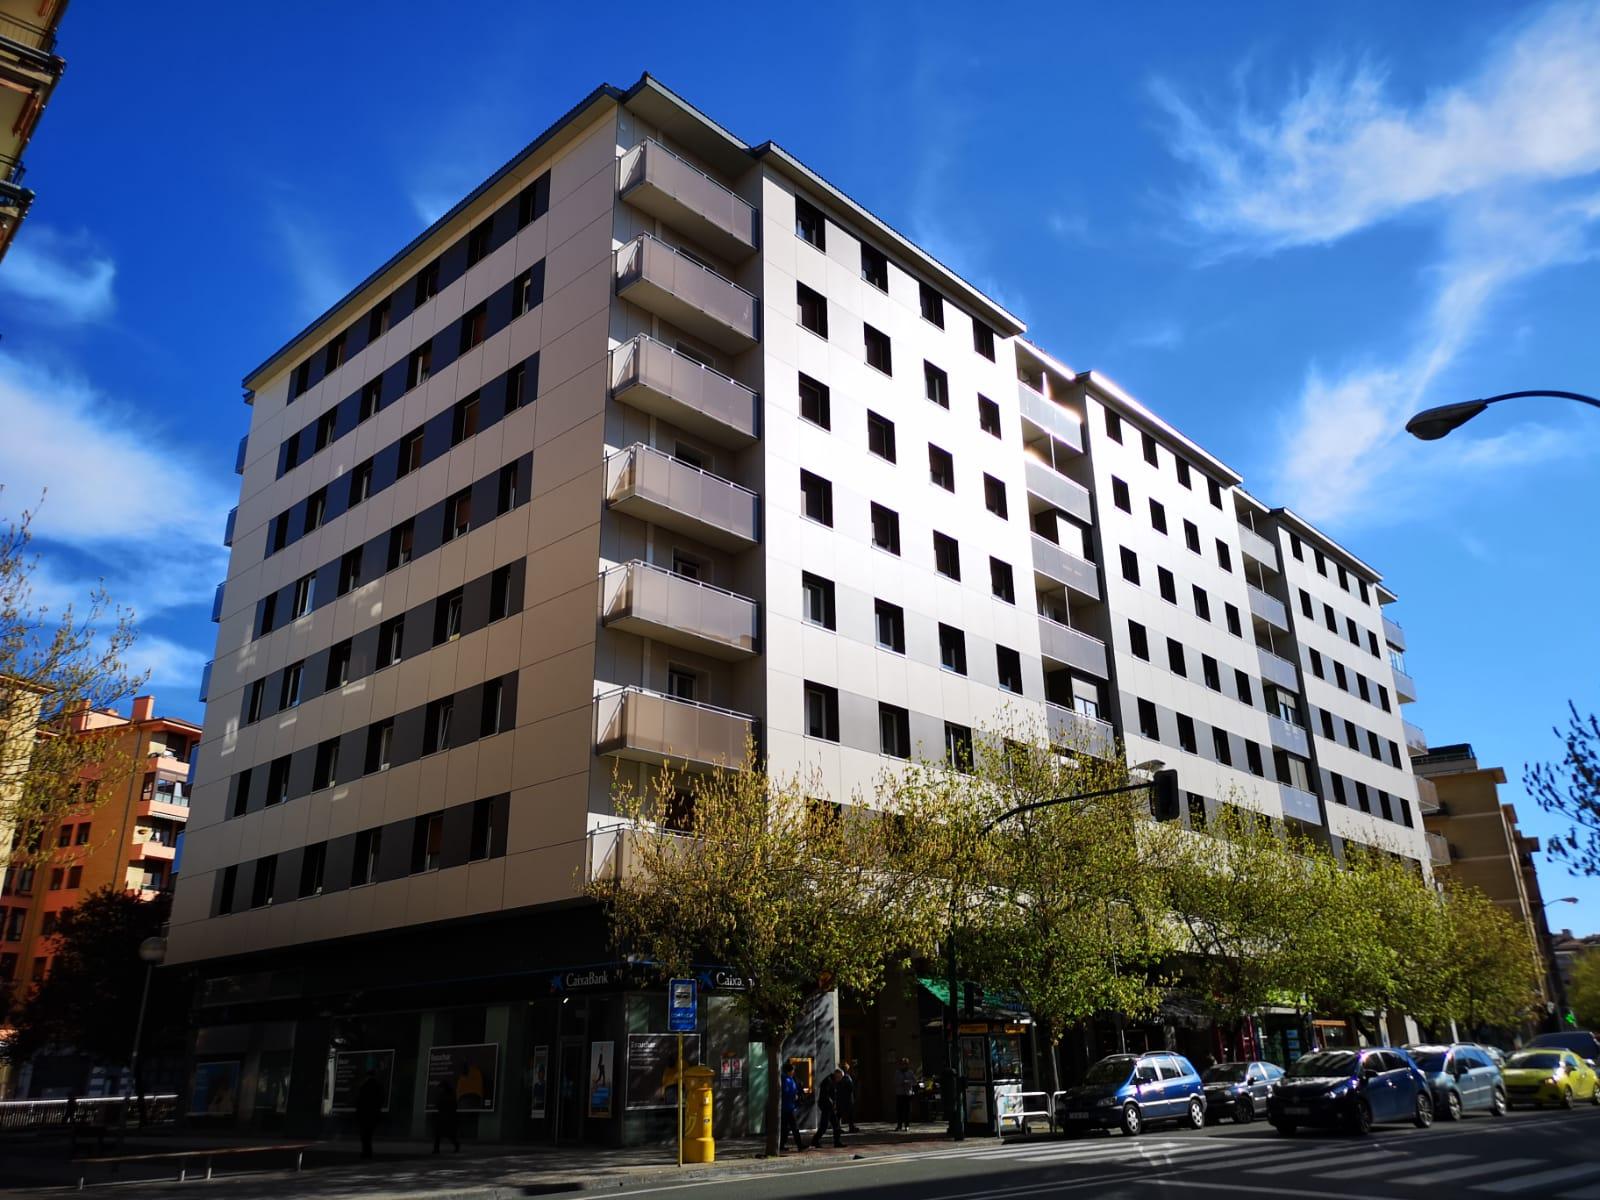 Rehabilitación en edificio de viviendas con tablero compacto fenolico hpl y fibrocemento EQUITONE